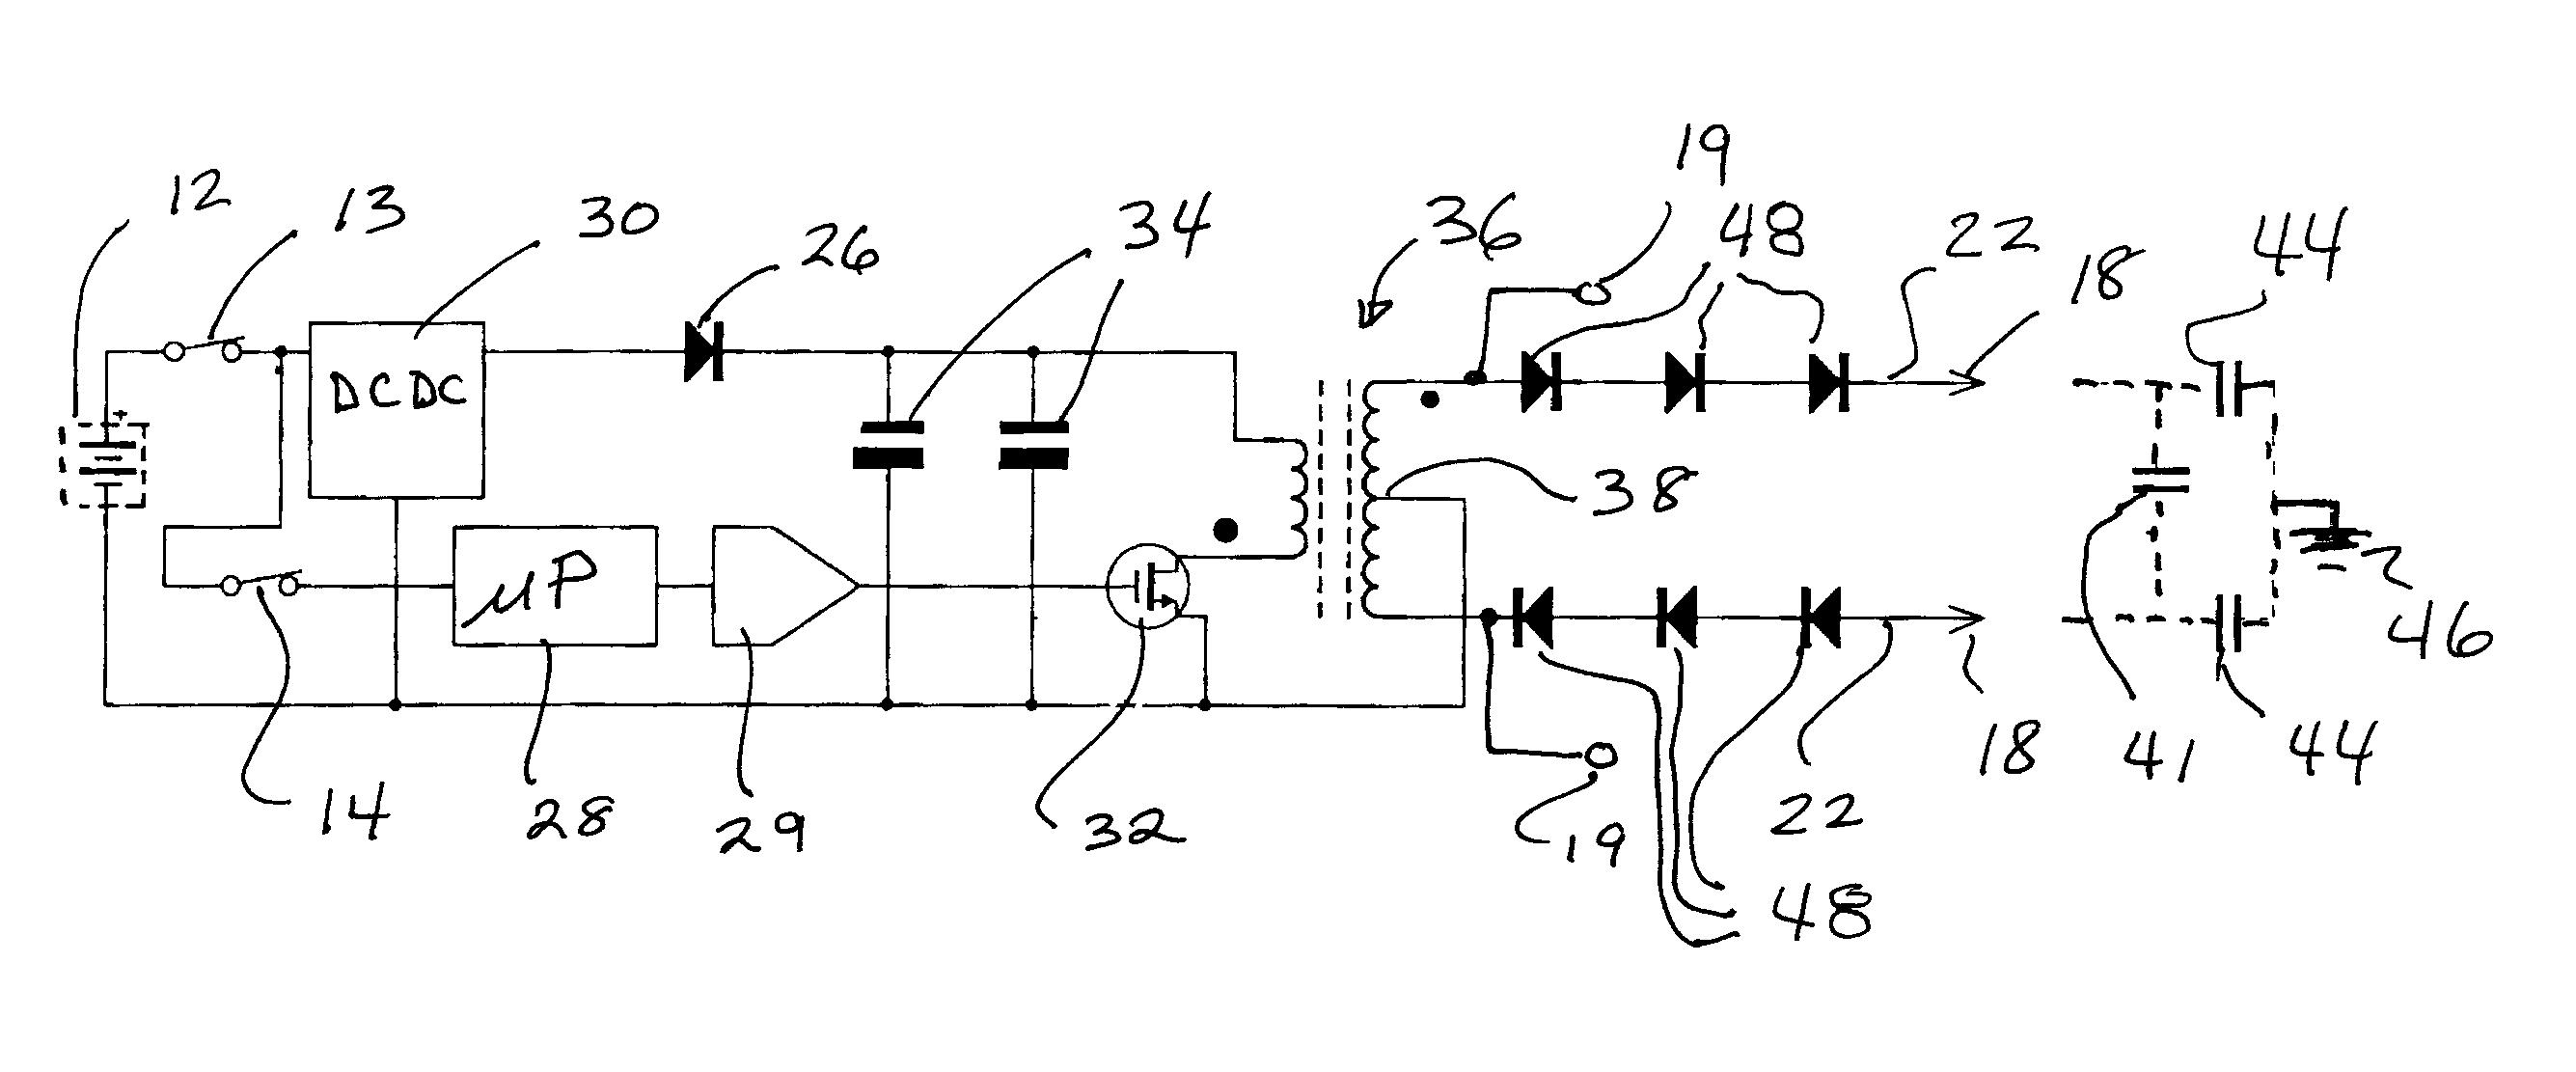 patent us7778005